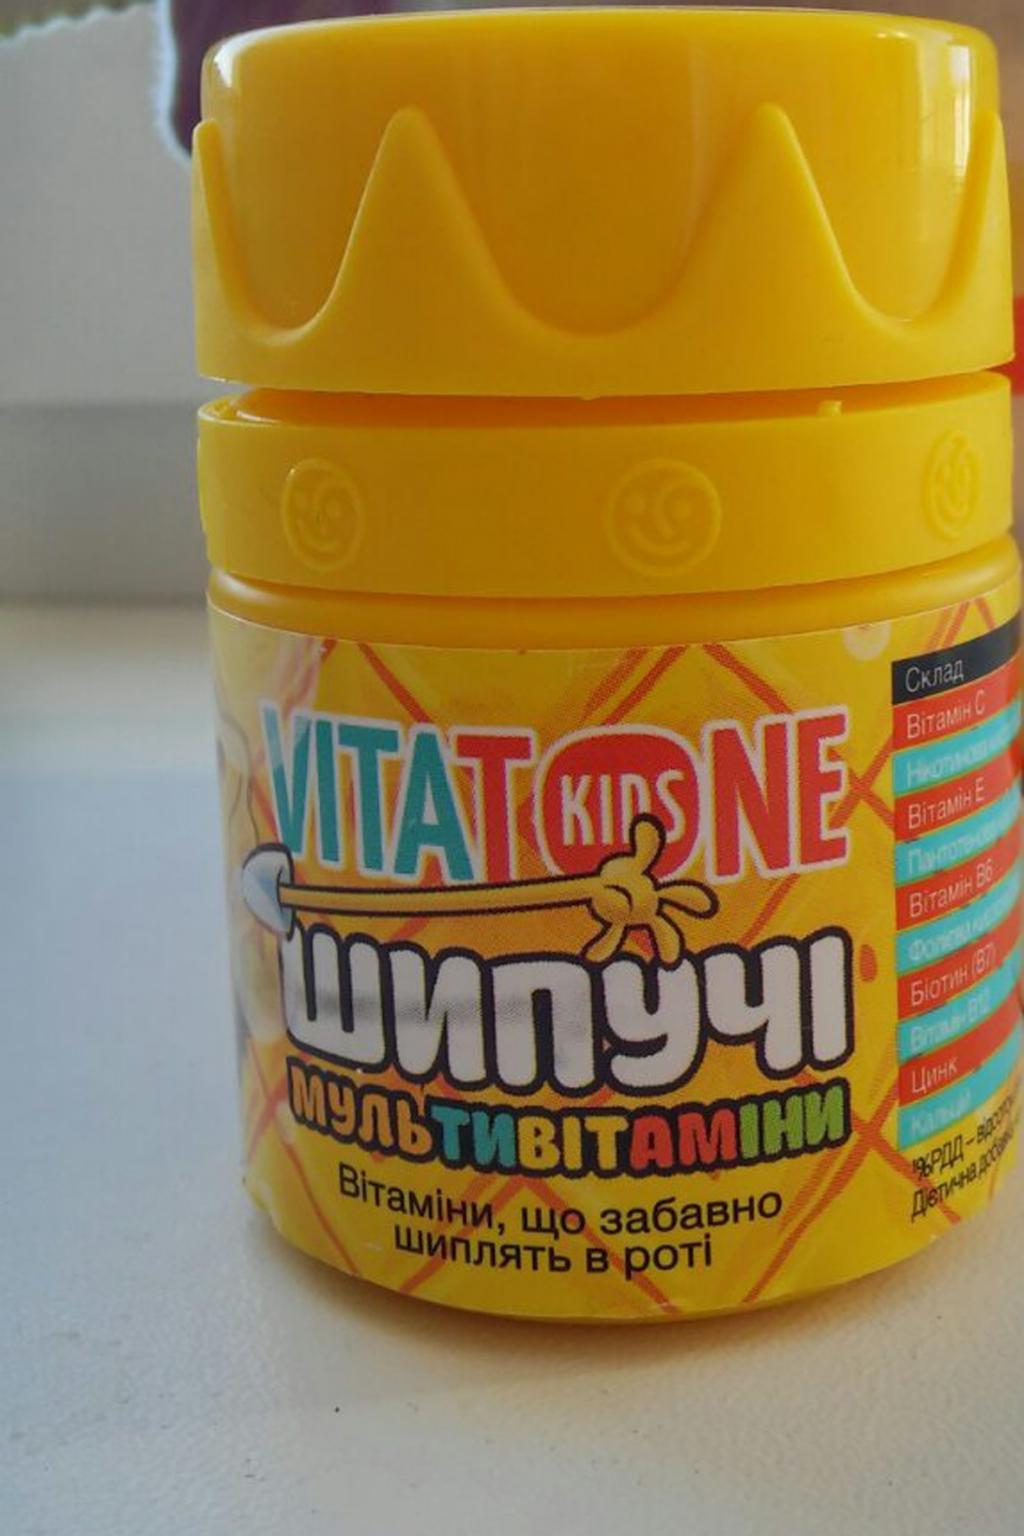 VitaTone Kids шипучие мультивитамины - Кідс Шипучі Мультивітаміни